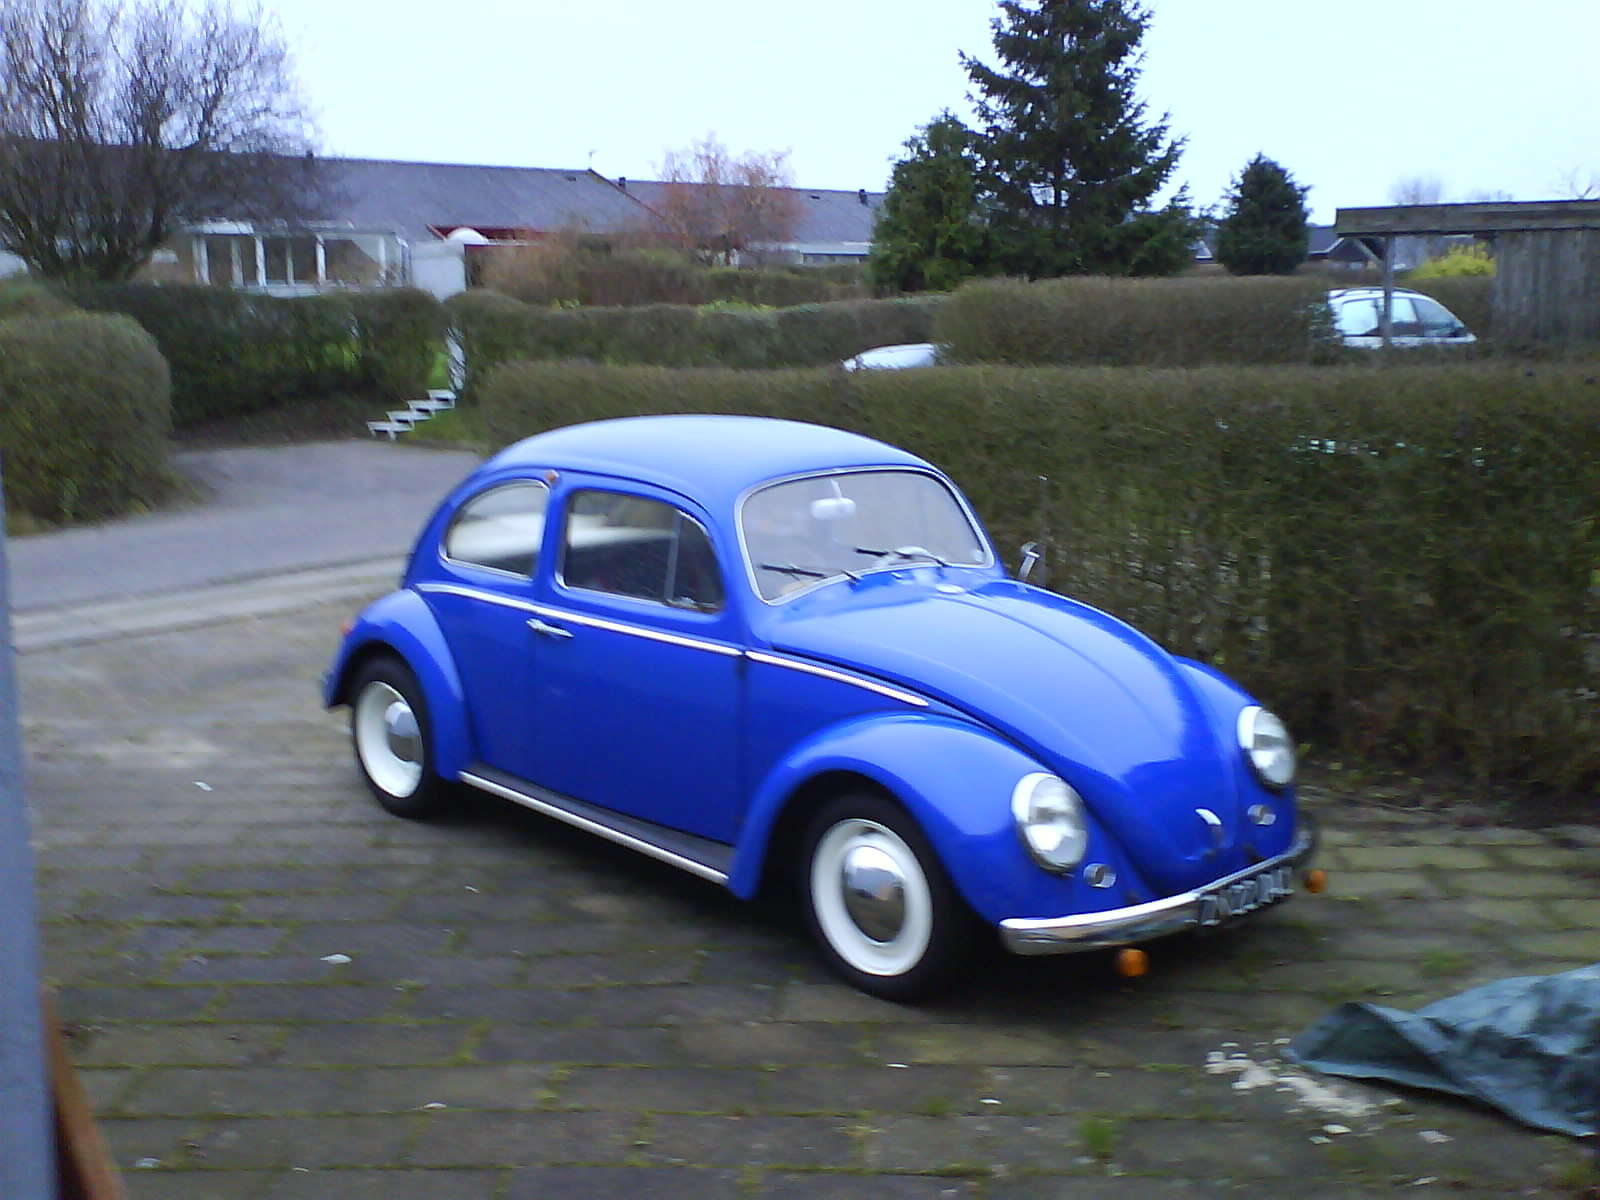 1963 Volkswagen Beetle Exterior Pictures Cargurus